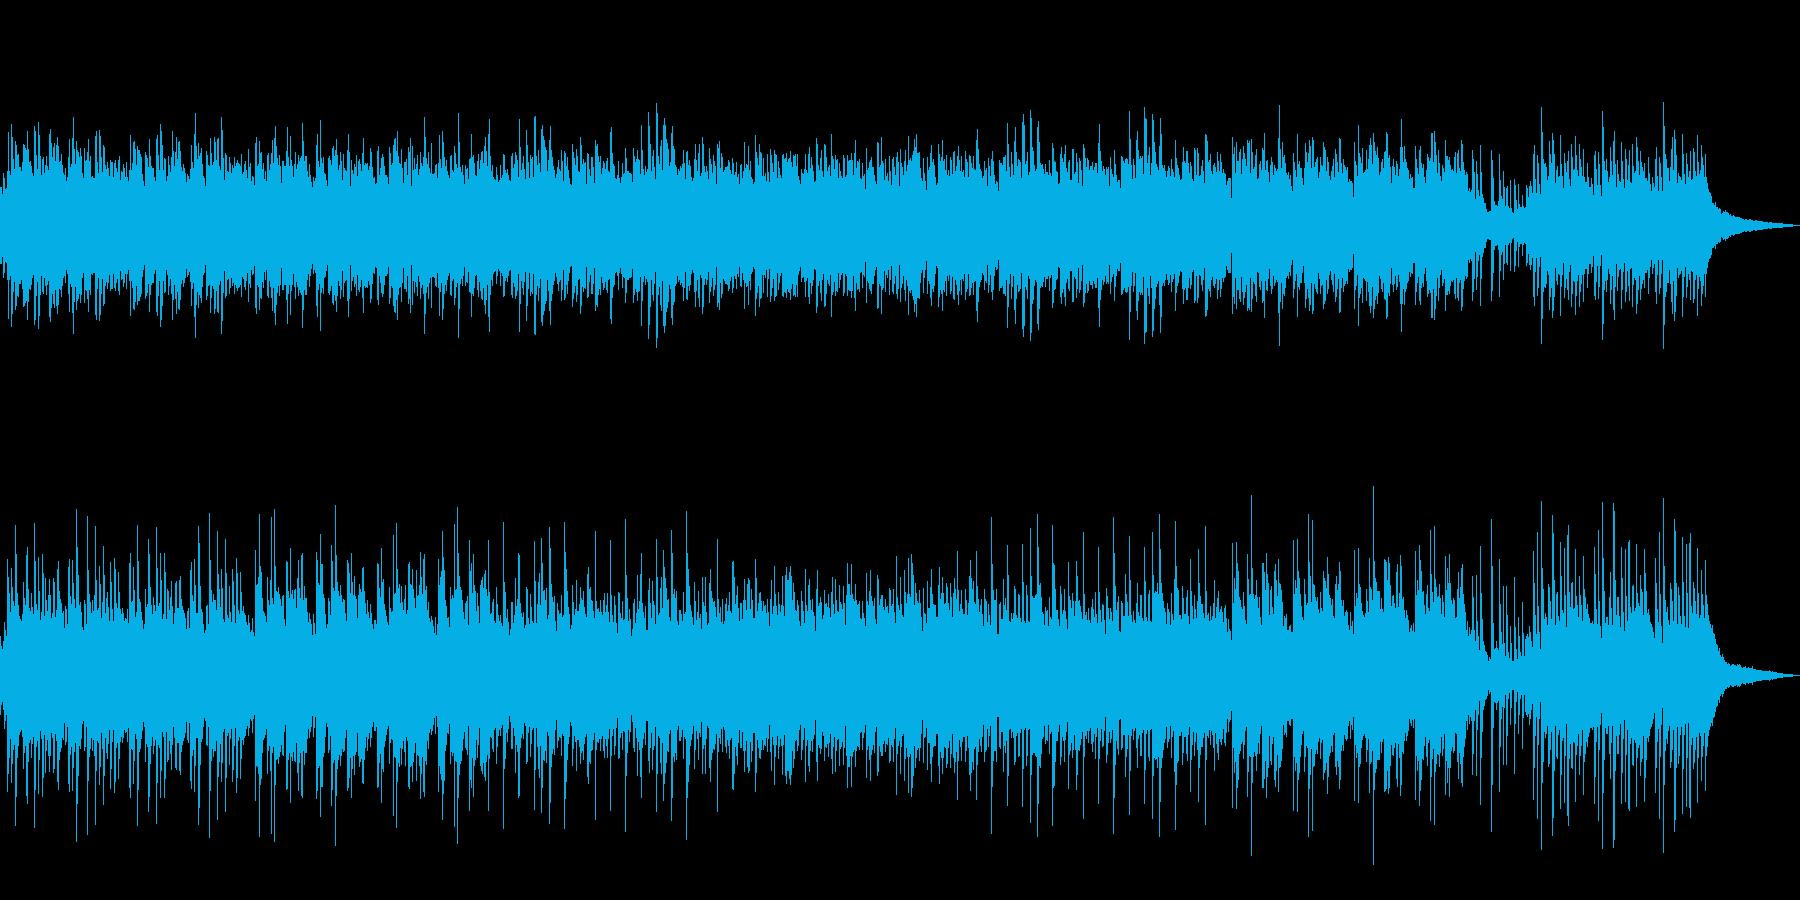 ピアノインスト:出会いと別れの再生済みの波形